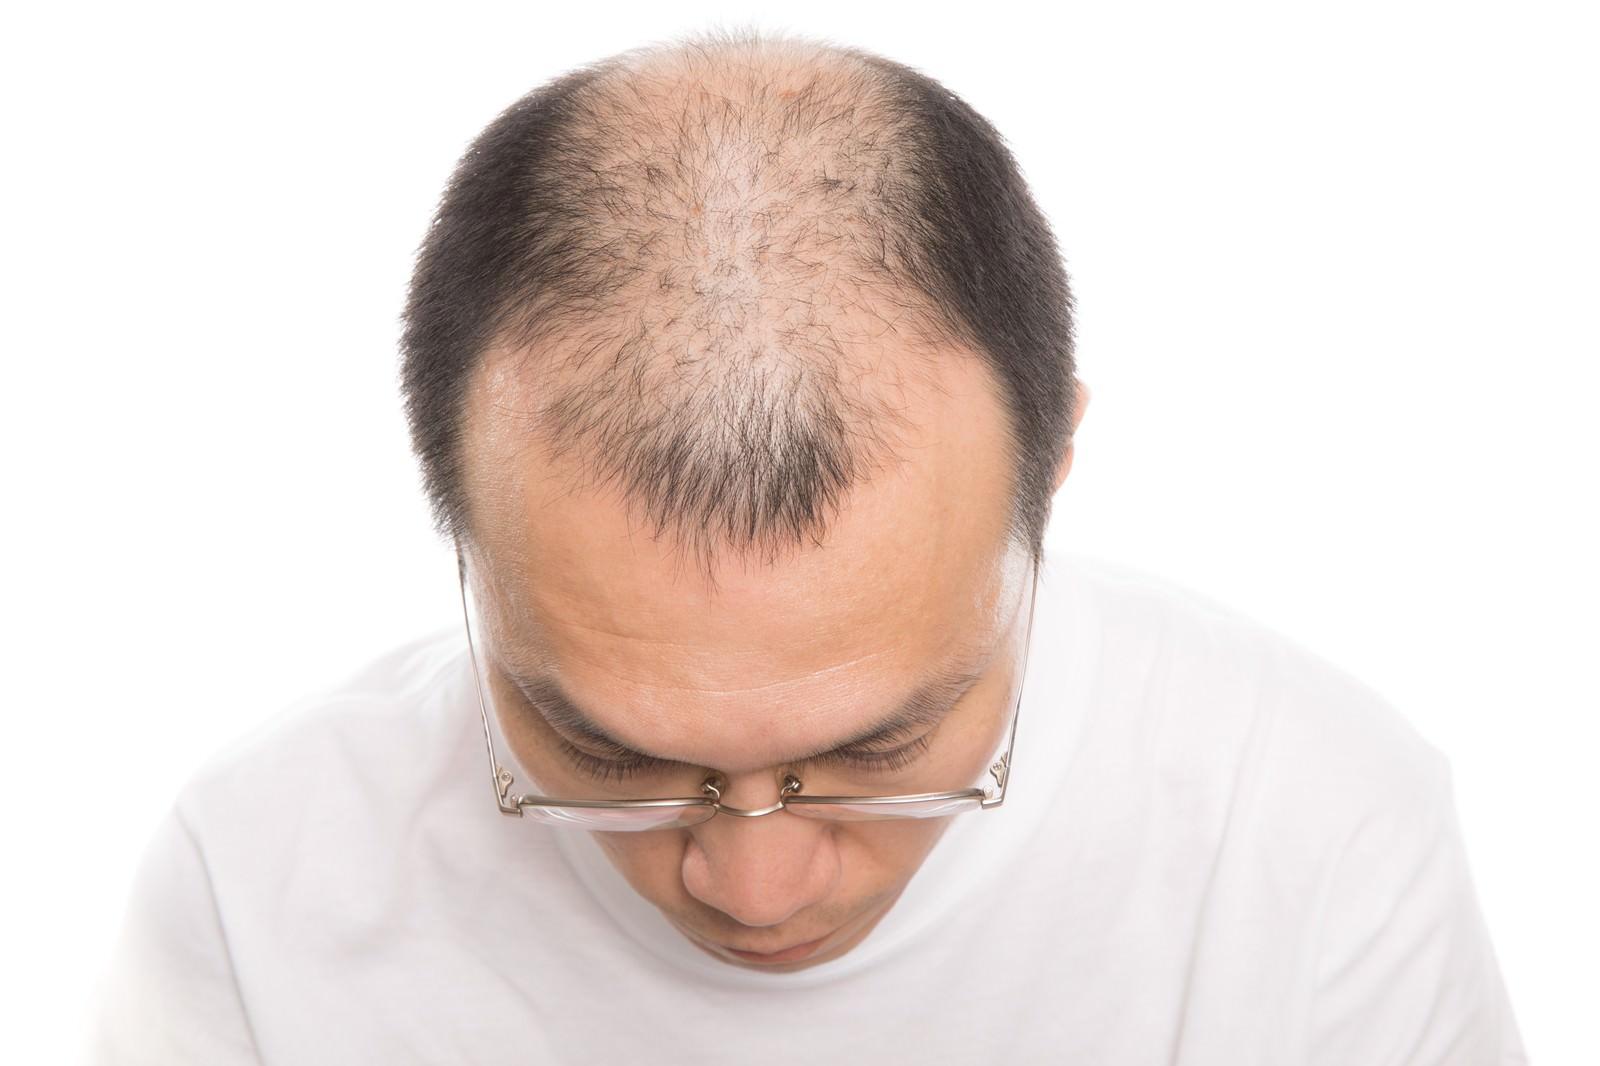 前頭部と頭頂部が薄い男性(上から)の写真(画像)|フリー素材「ぱく ...